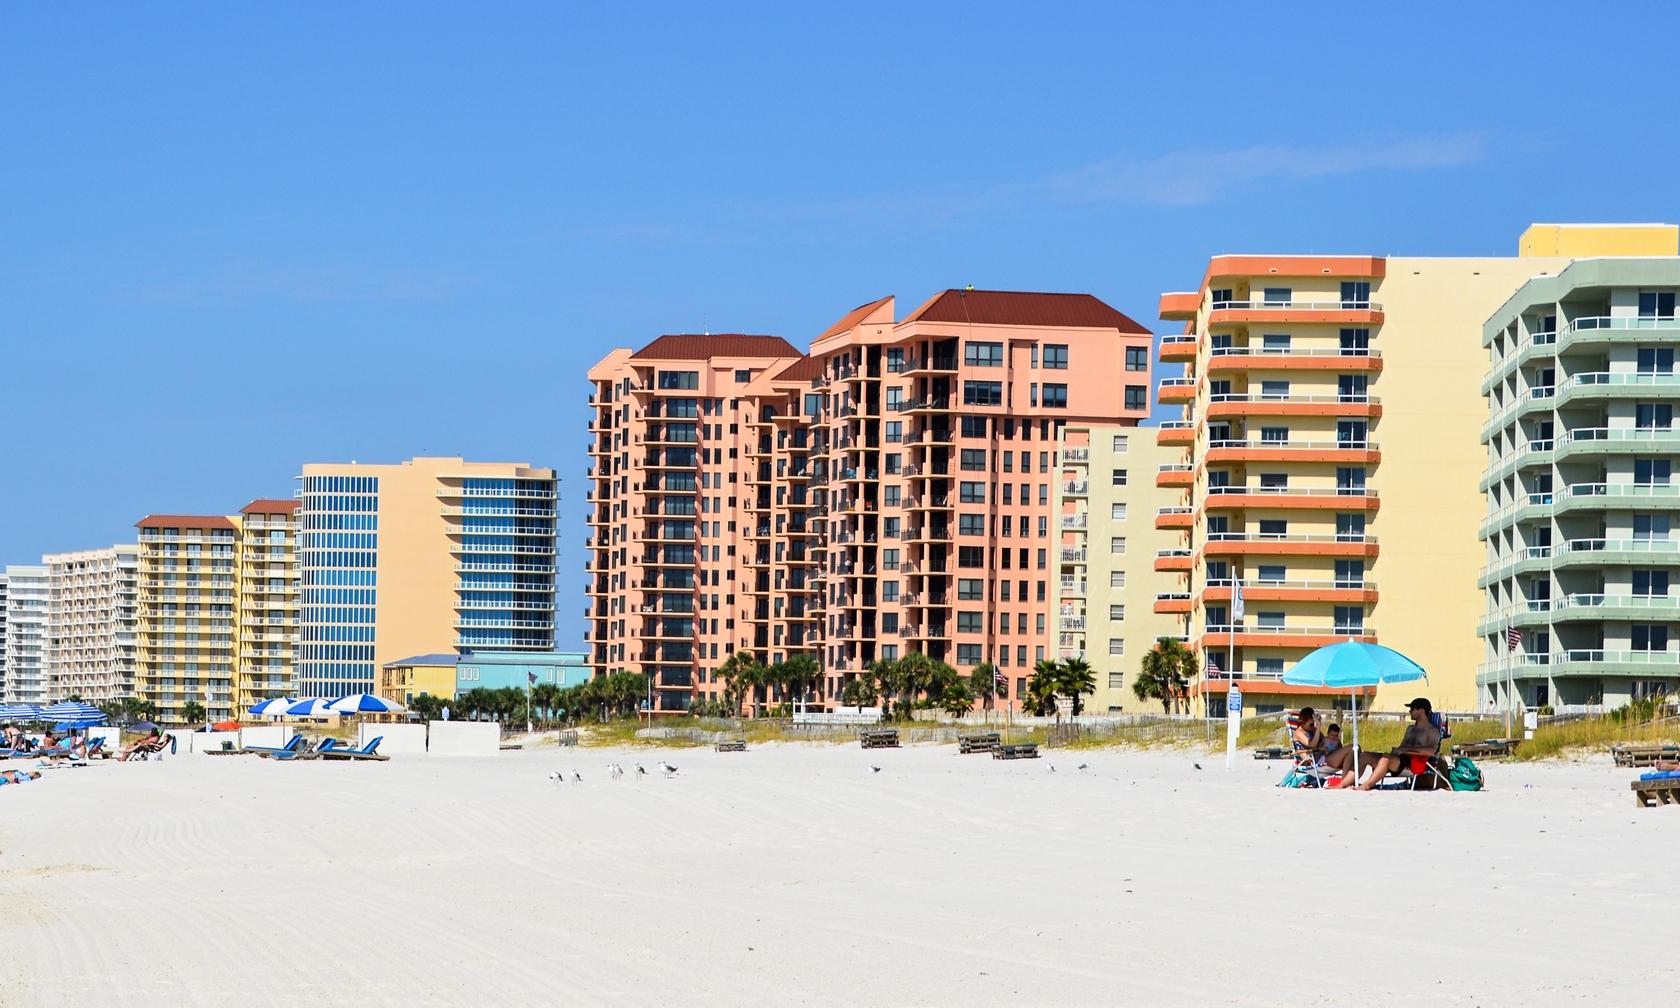 Vacation rental condos in Gulf Shores